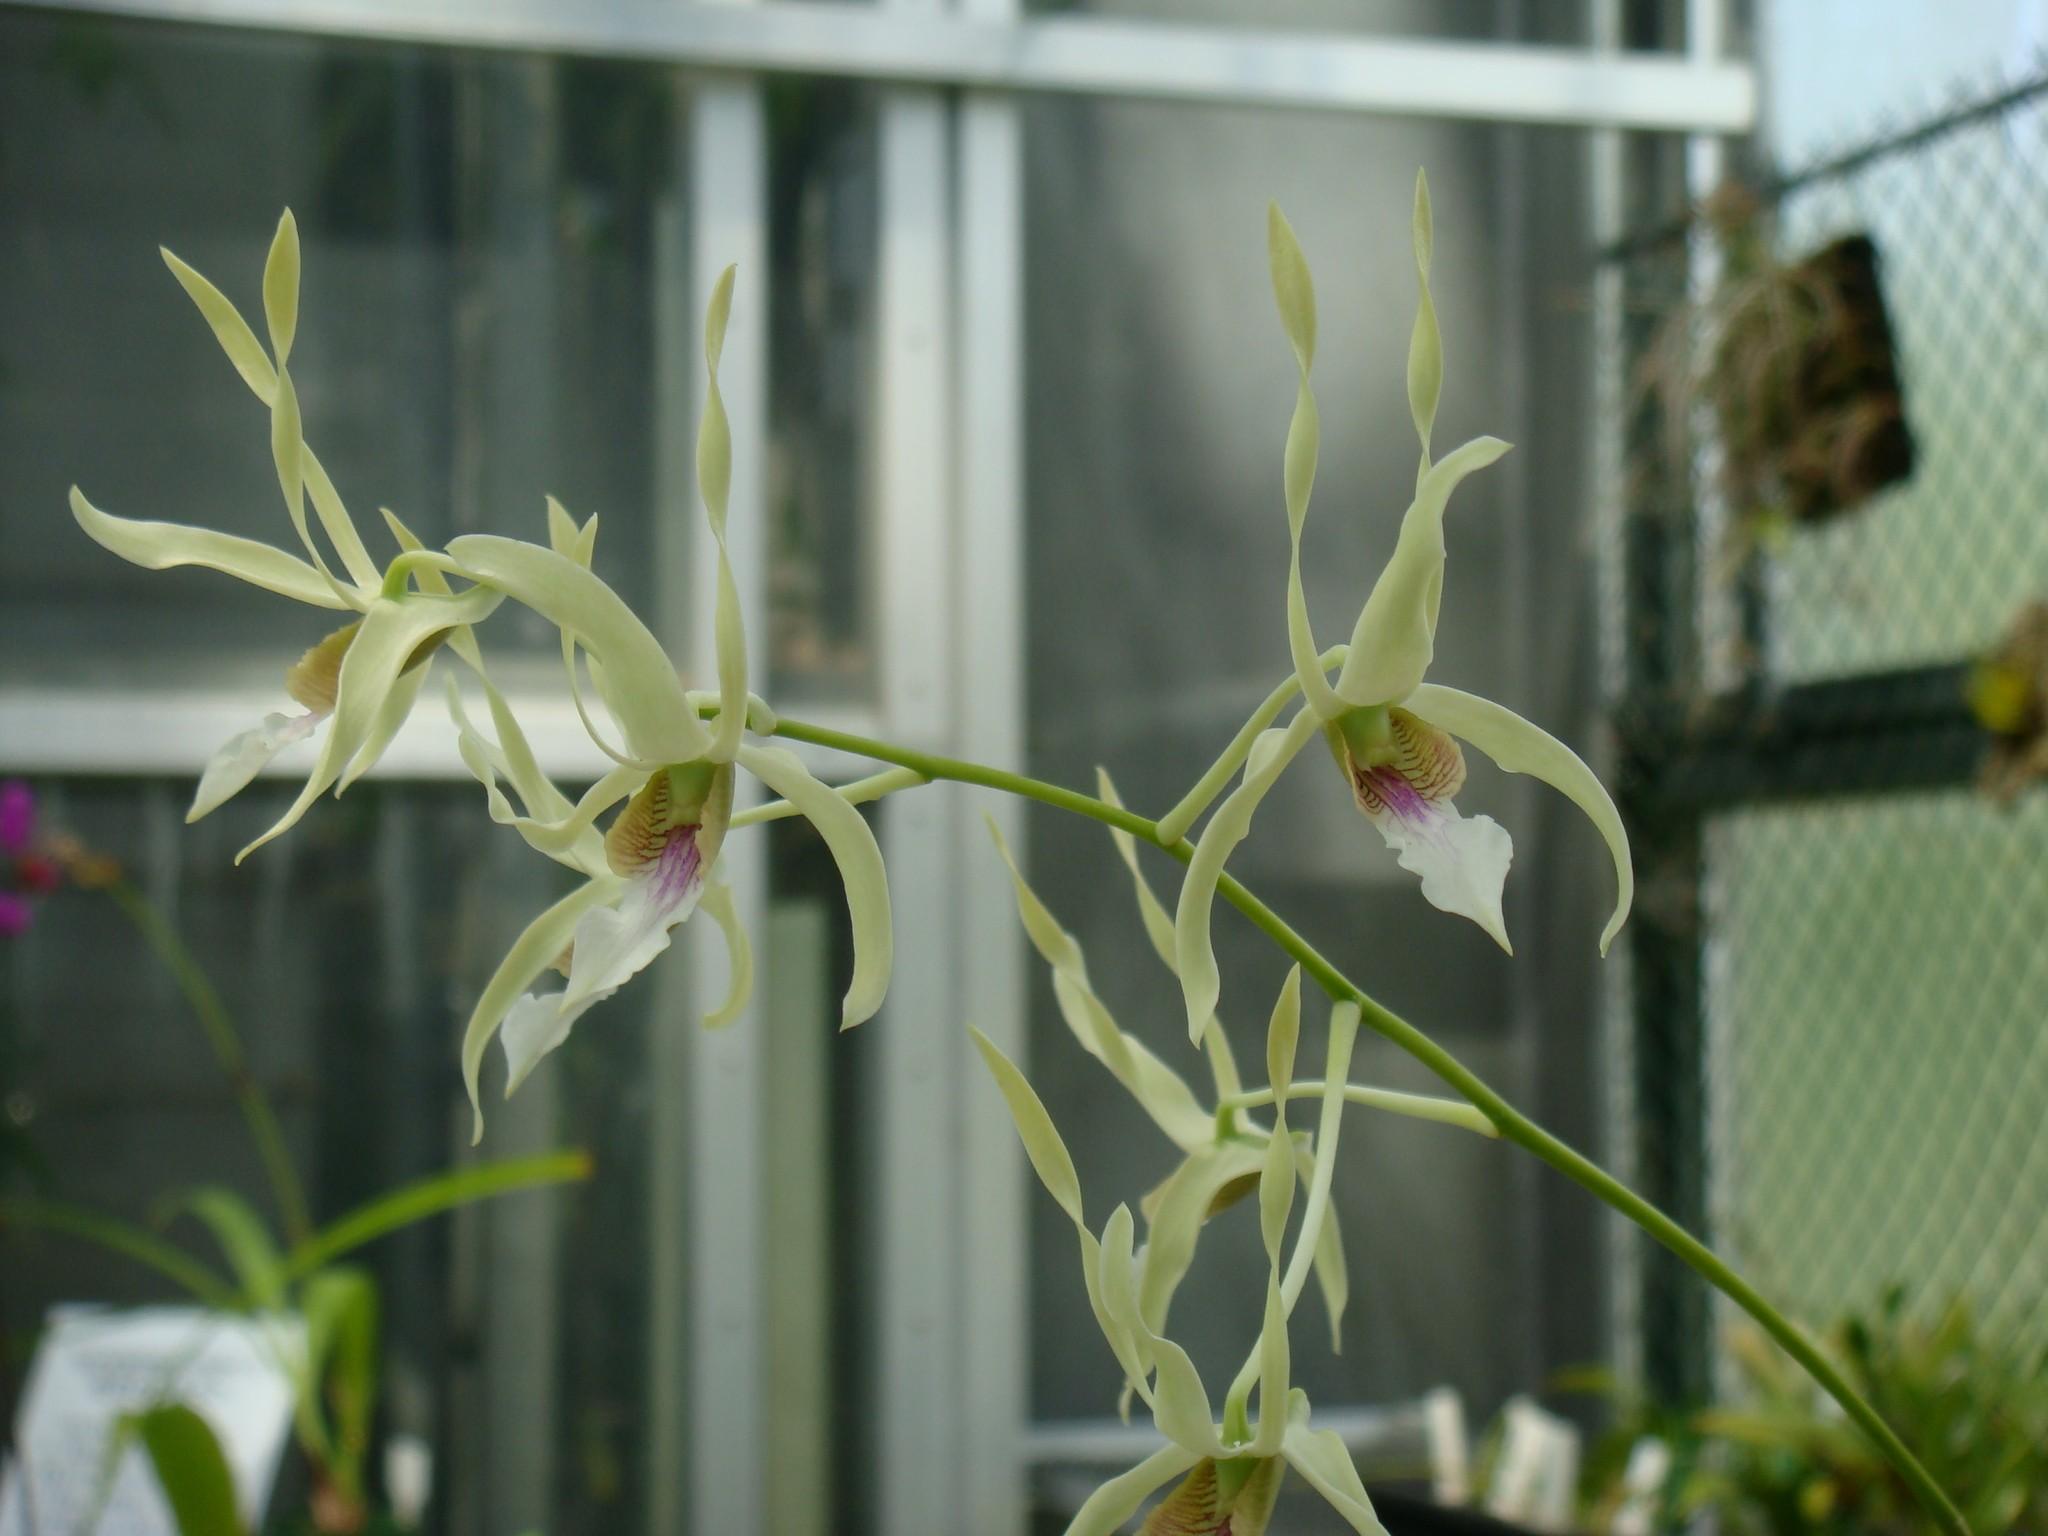 http://orchids.la.coocan.jp/Dendrobium/Dendrobium%20macranthum/DSC09697.JPG